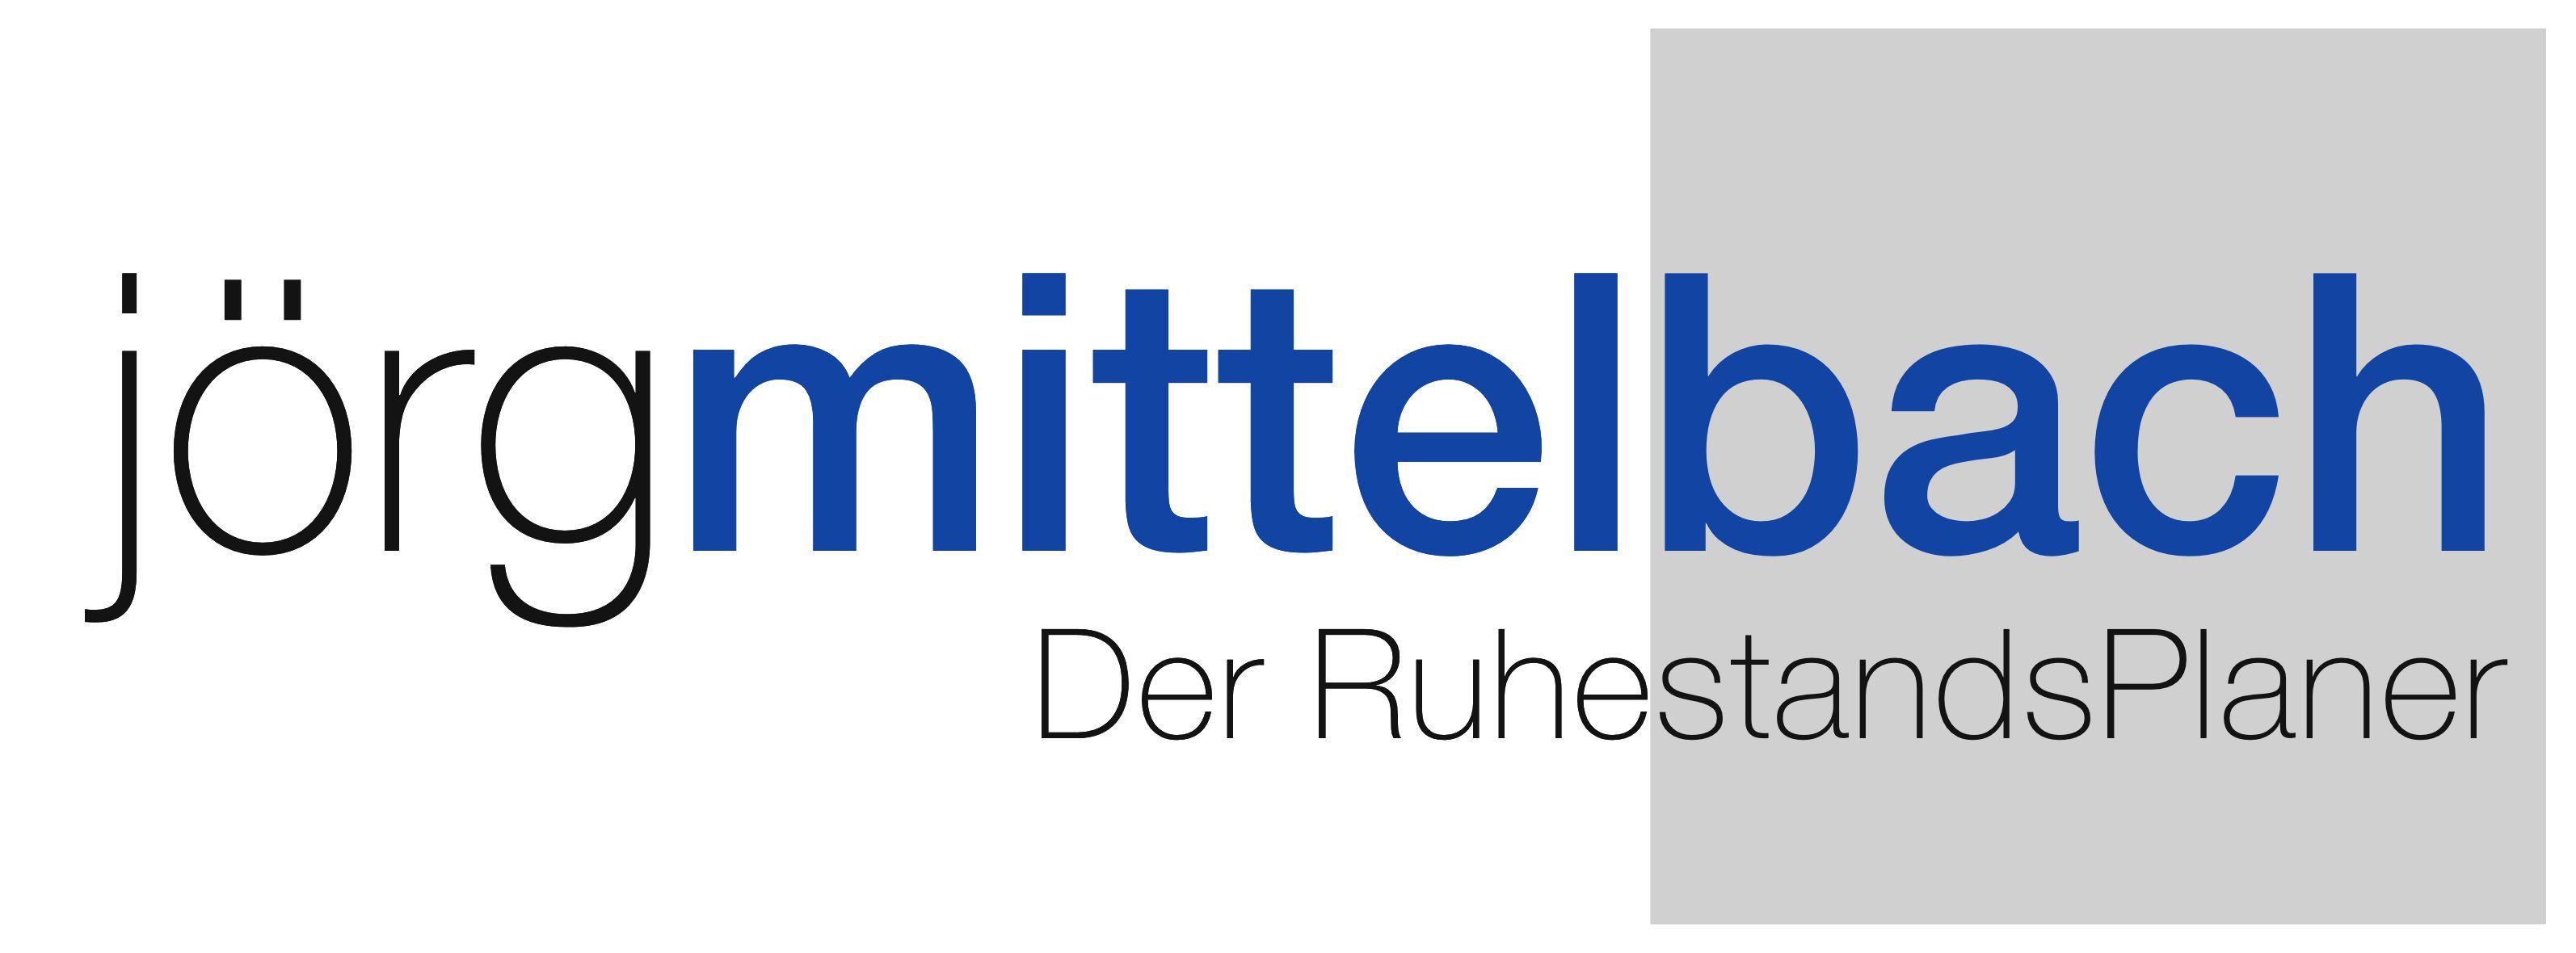 Jörg Mittelbach, Der RuhestandsPlaner